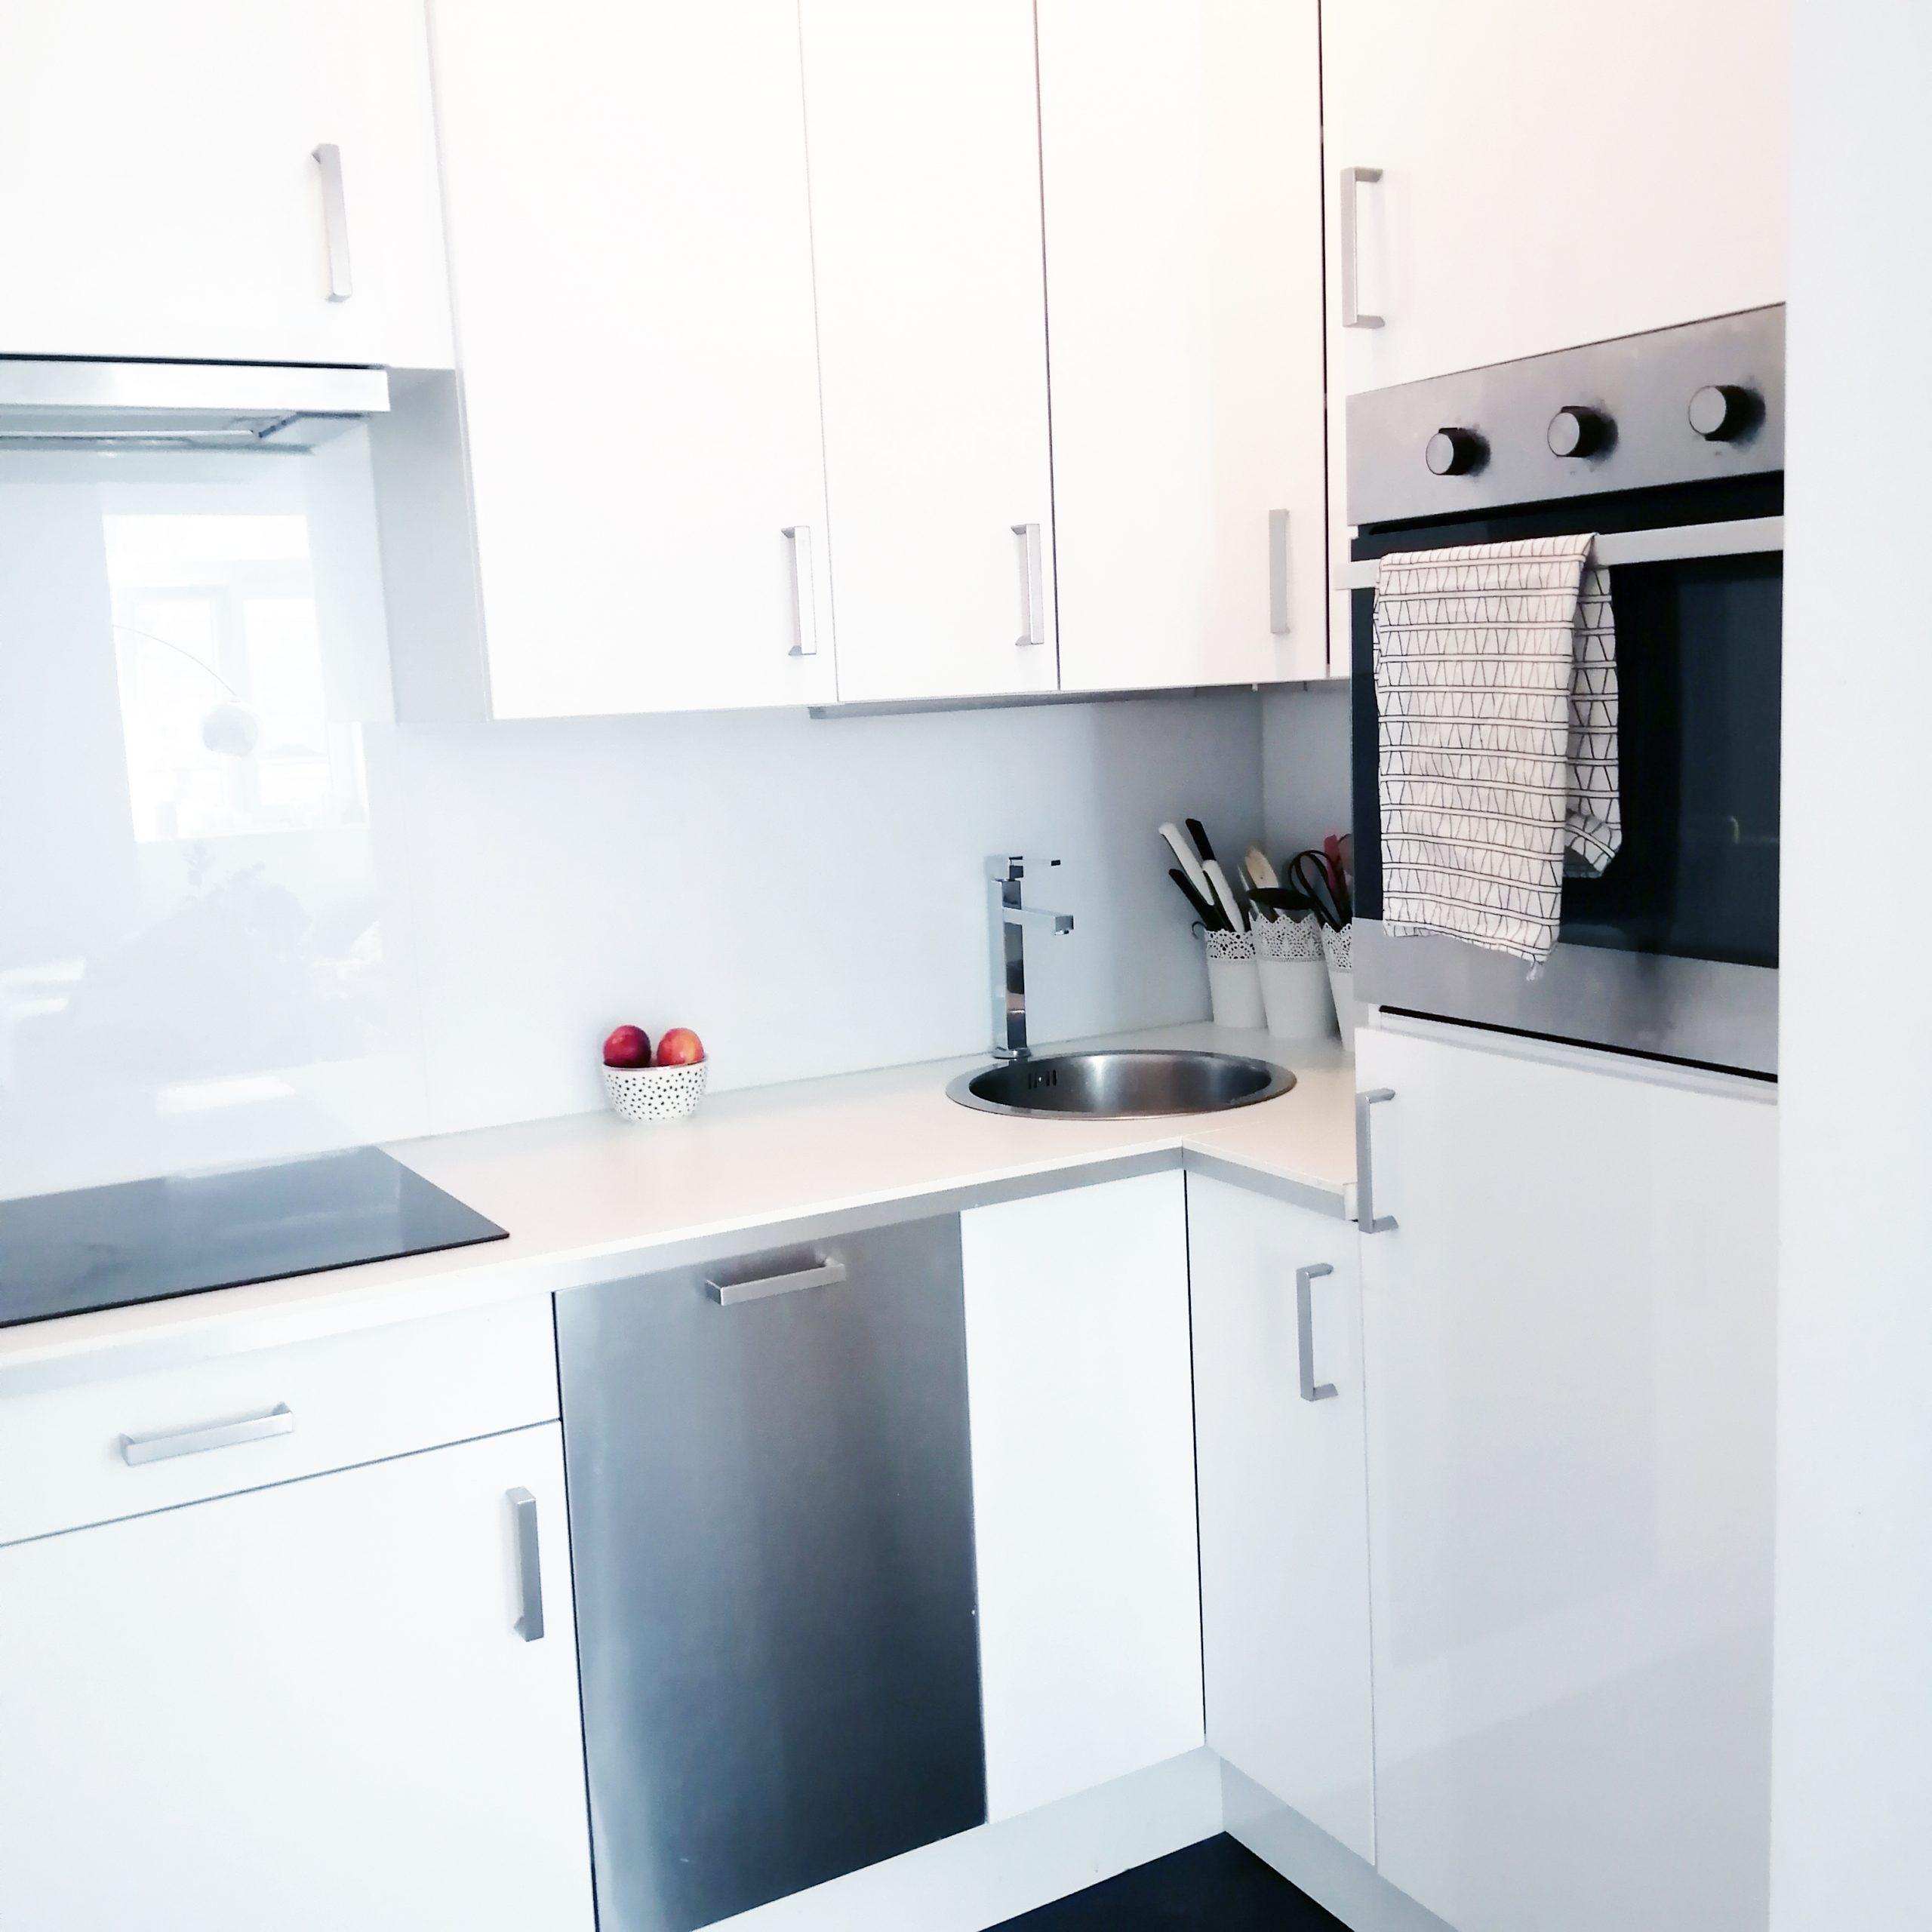 Full Size of Wohnzimmer Mit Offener Küche Einrichten Küche Einrichten Programm Küche Einrichten Spiele Englische Küche Einrichten Küche Küche Einrichten